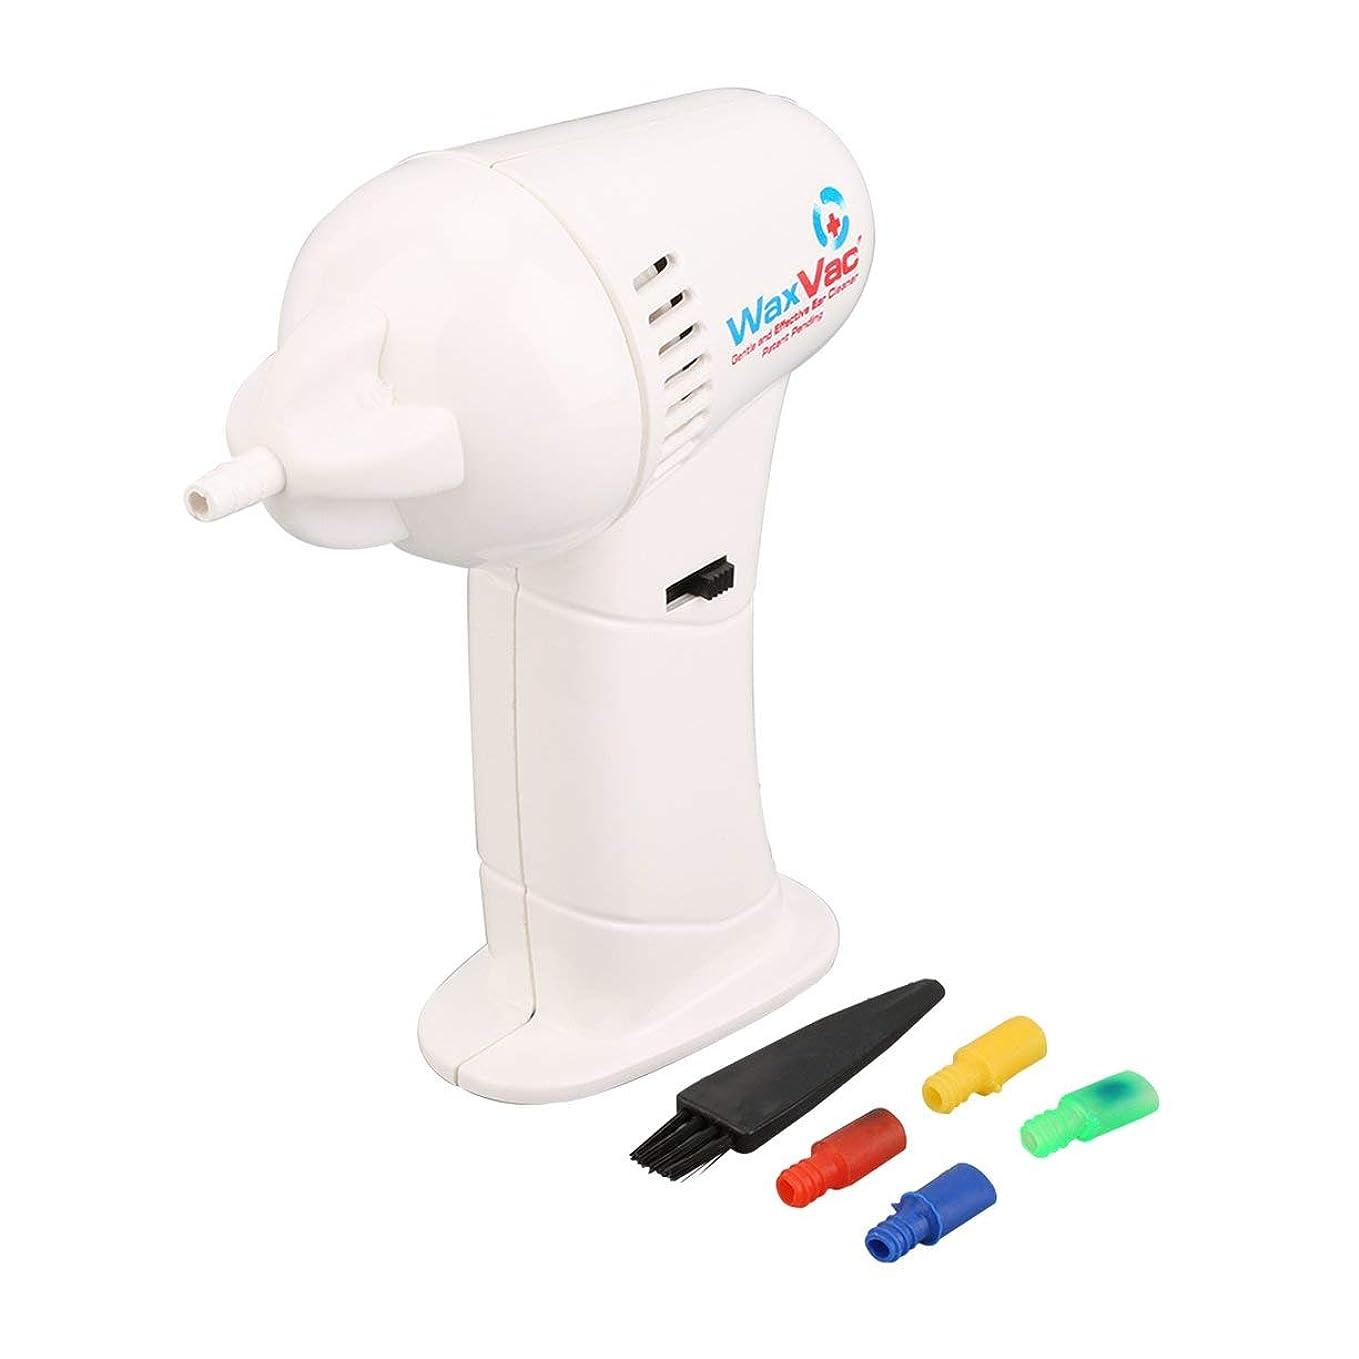 面積寄付ピッチポータブルサイズ電子耳掃除機耳ワックスVac除去安全体ソフト&安全ヘッド付きヘルスケア-ホワイト